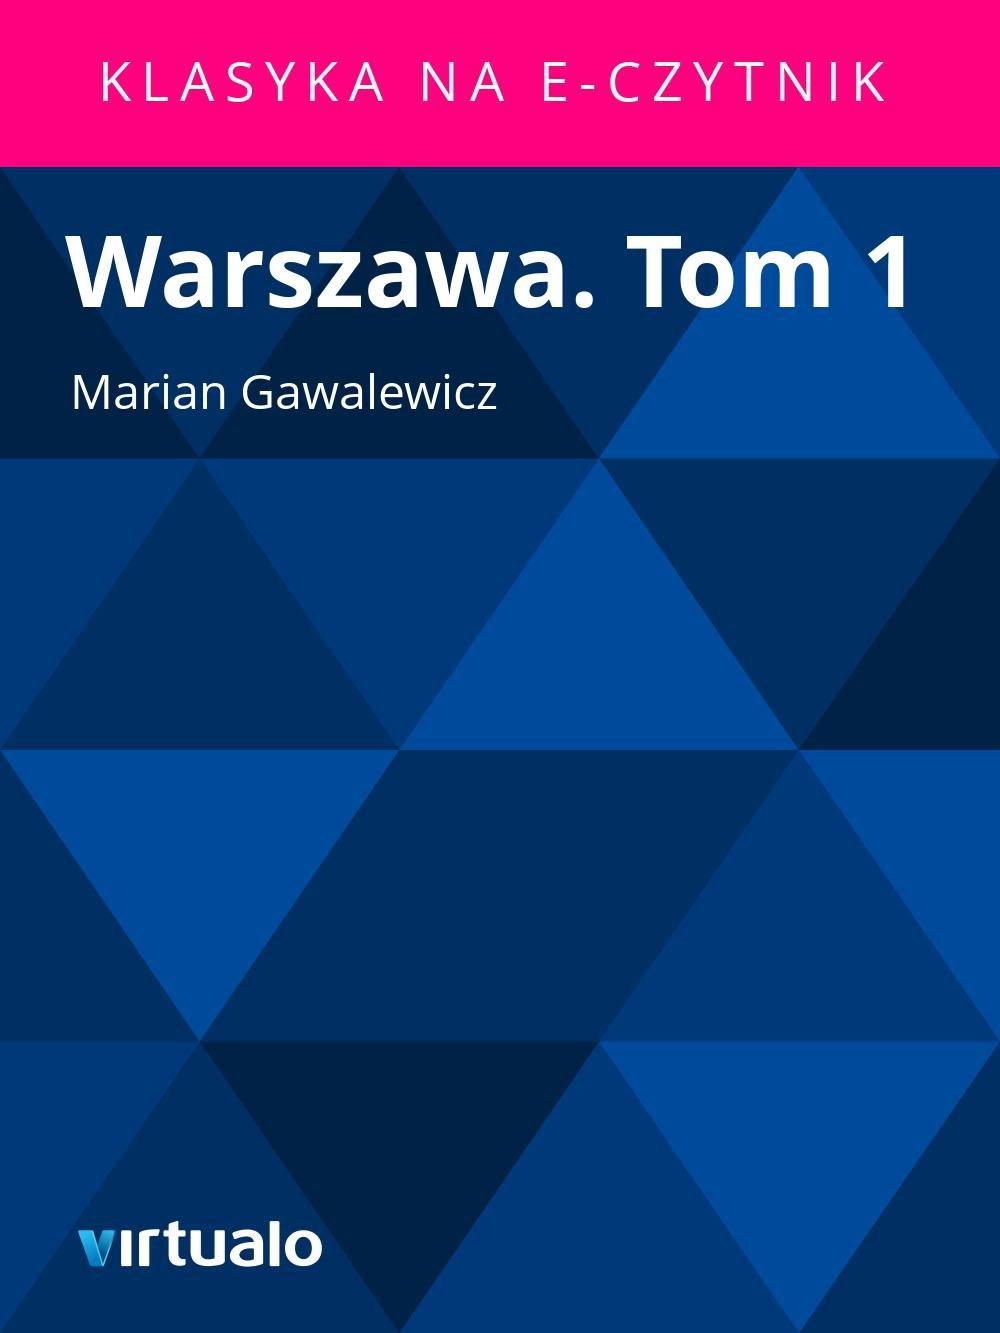 Warszawa. Tom 1 - Ebook (Książka EPUB) do pobrania w formacie EPUB